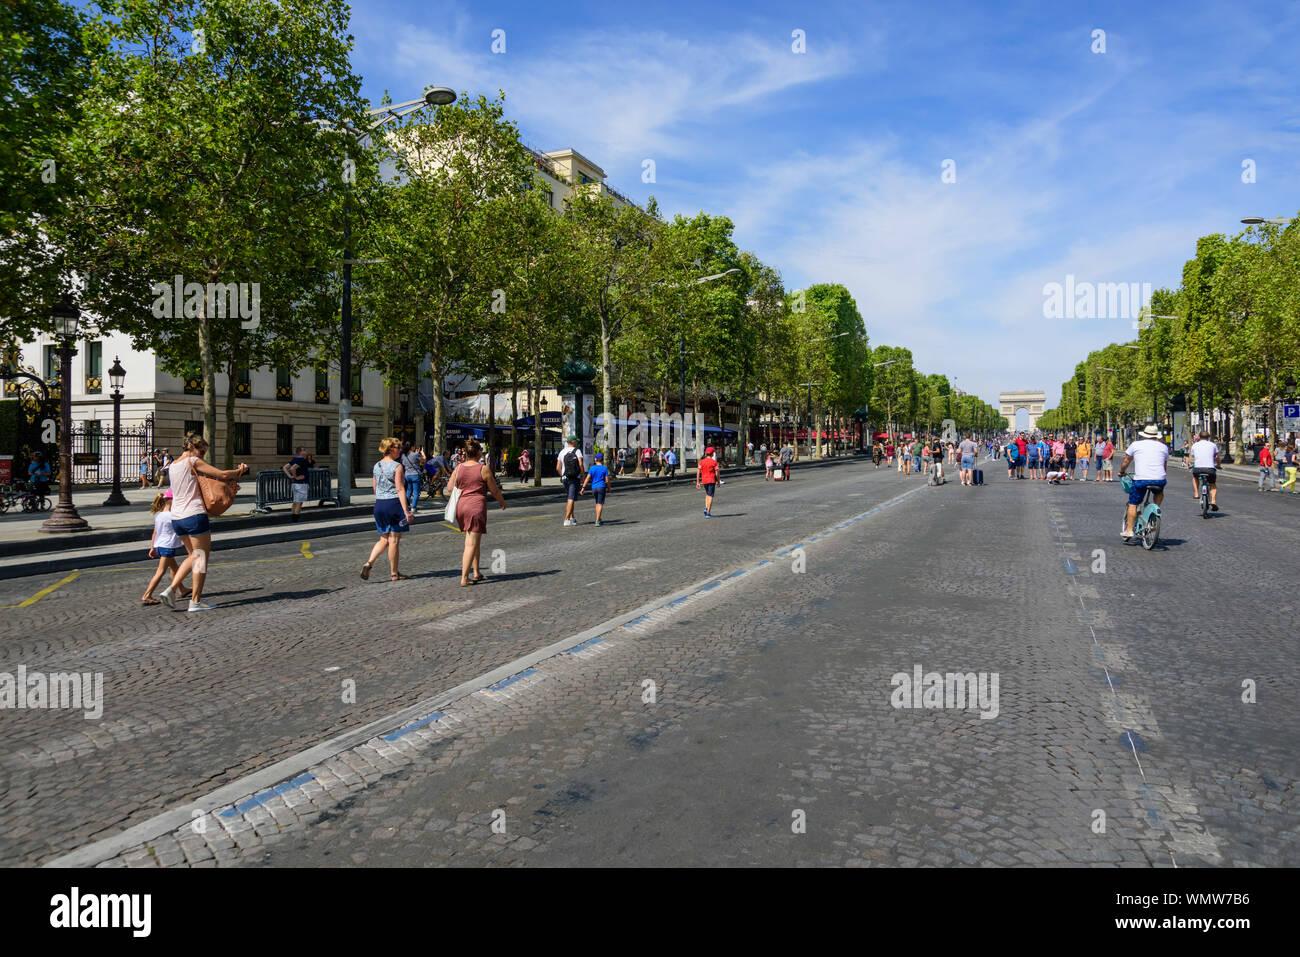 París, Campos Elíseos, jeden ersten Sonntag des Monats ist die Straße gesperrt für den Autoverkehr Foto de stock